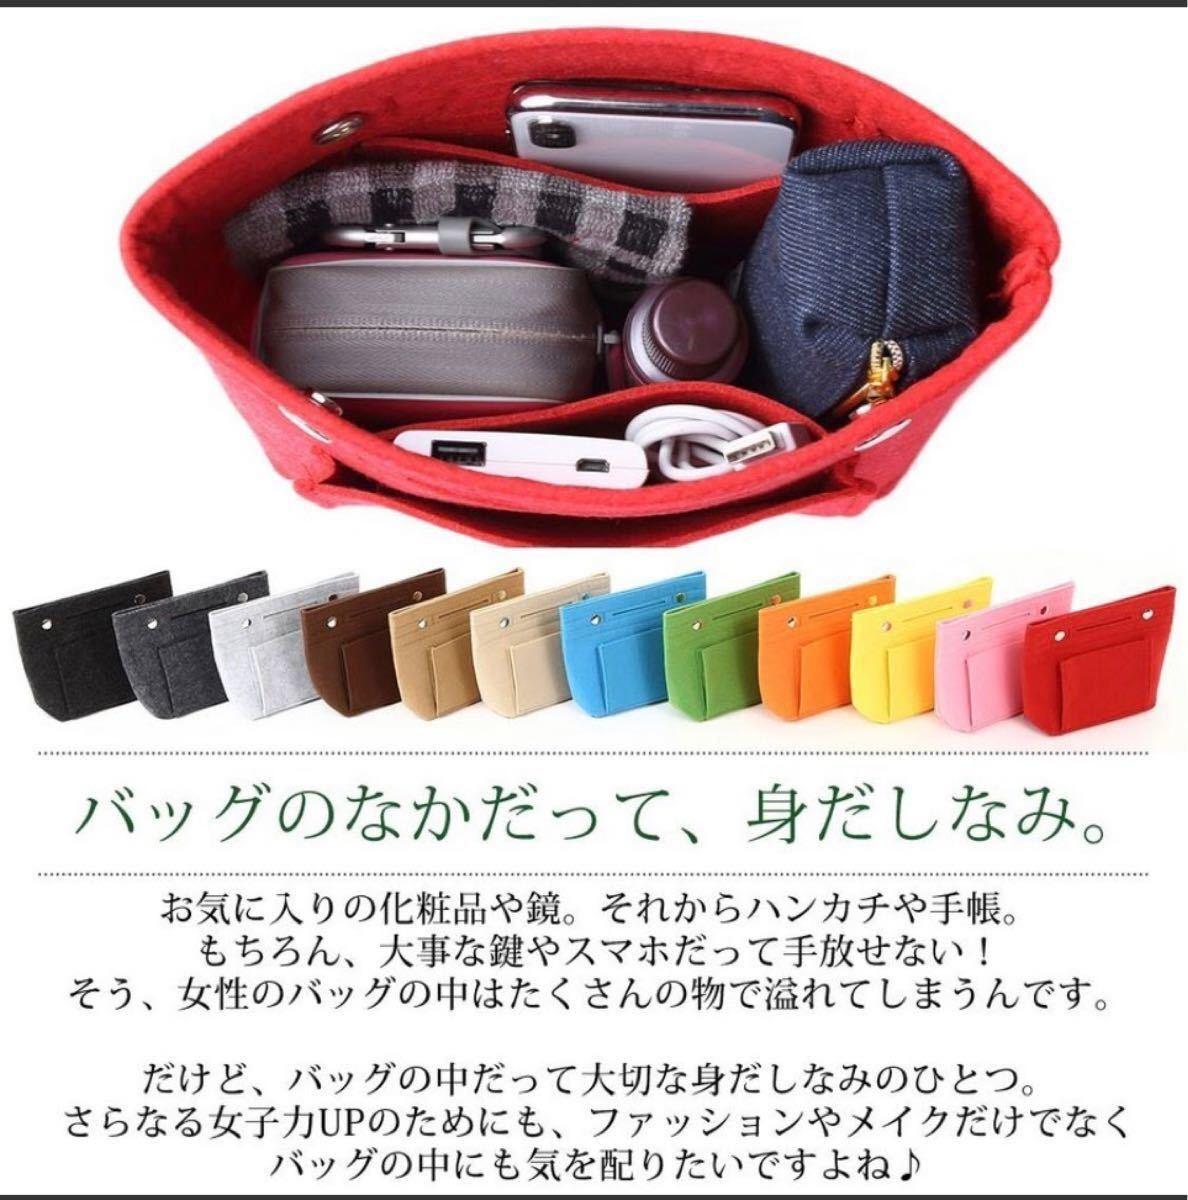 SALE★ バッグインバッグ インナーバッグ 軽量 ポーチ マザーズバッグ バックインバック フェルト Mサイズ バッグ整理